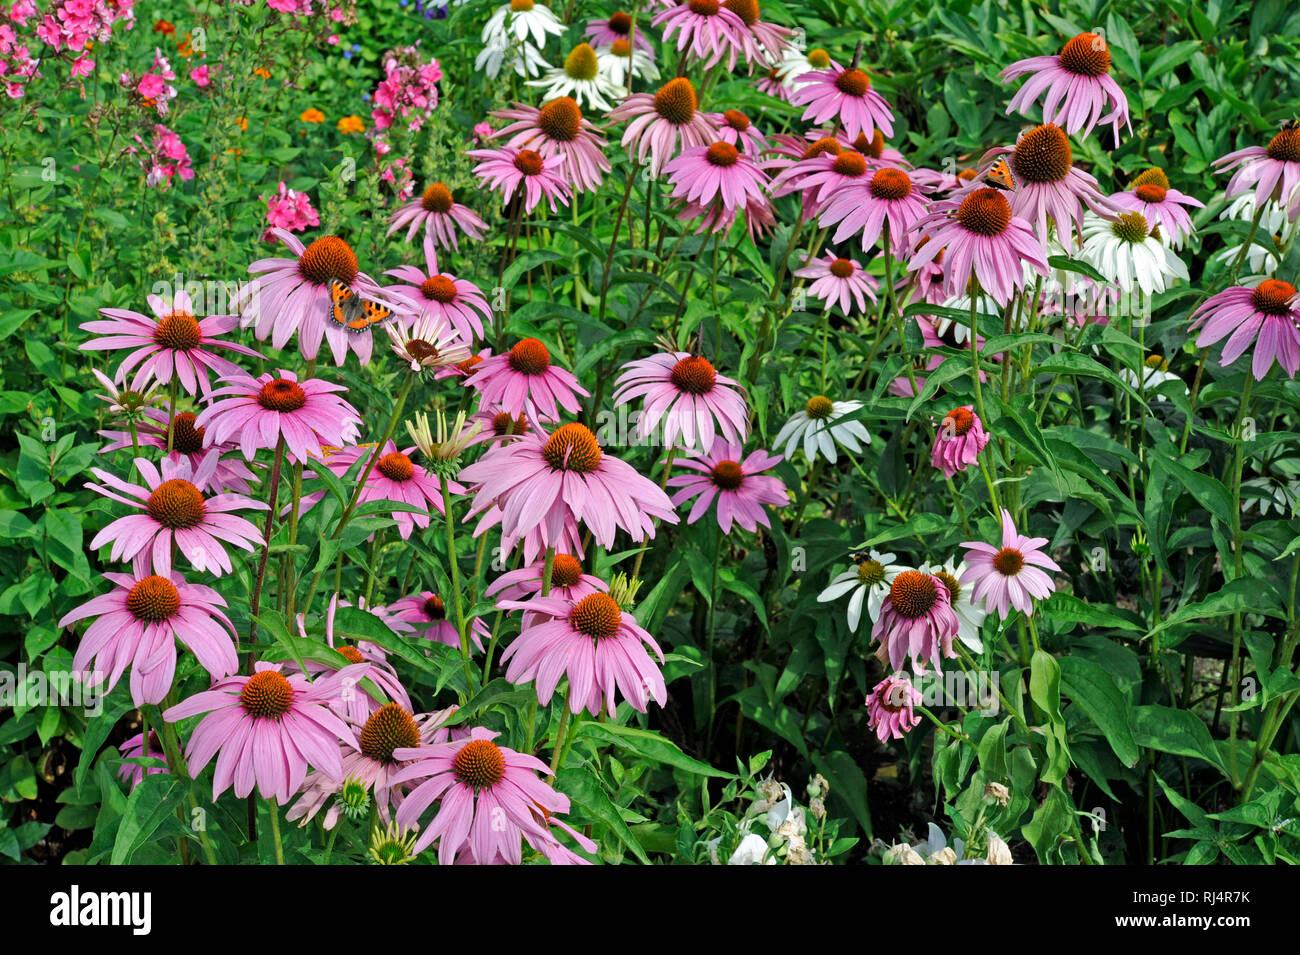 Purpursonnenhut im sommerlichen Bauerngarten, - Stock Image